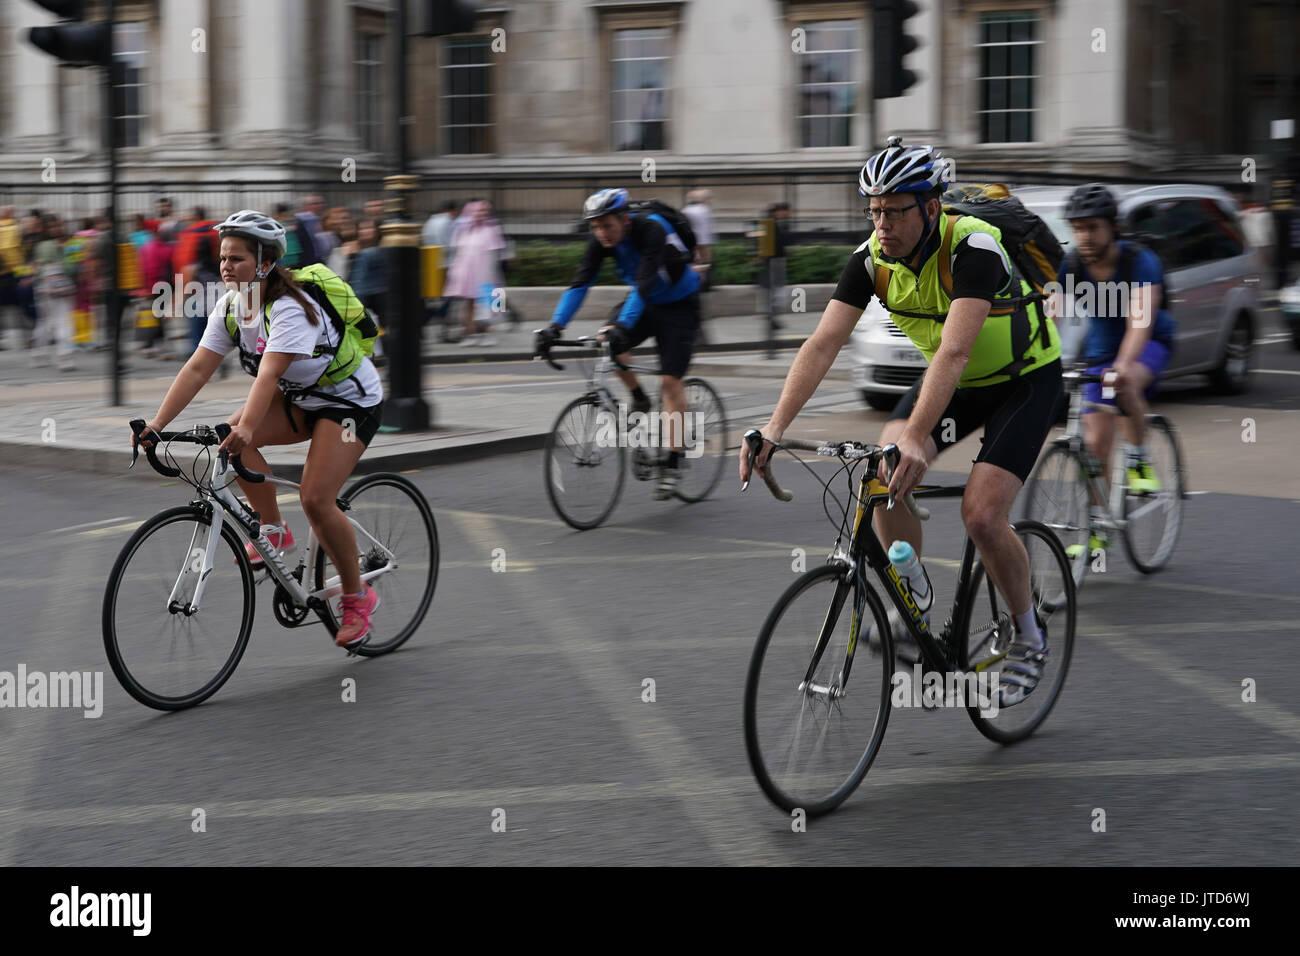 Cycle Dating Londen Hoe nauwkeurig is echografie dating op 11 weken